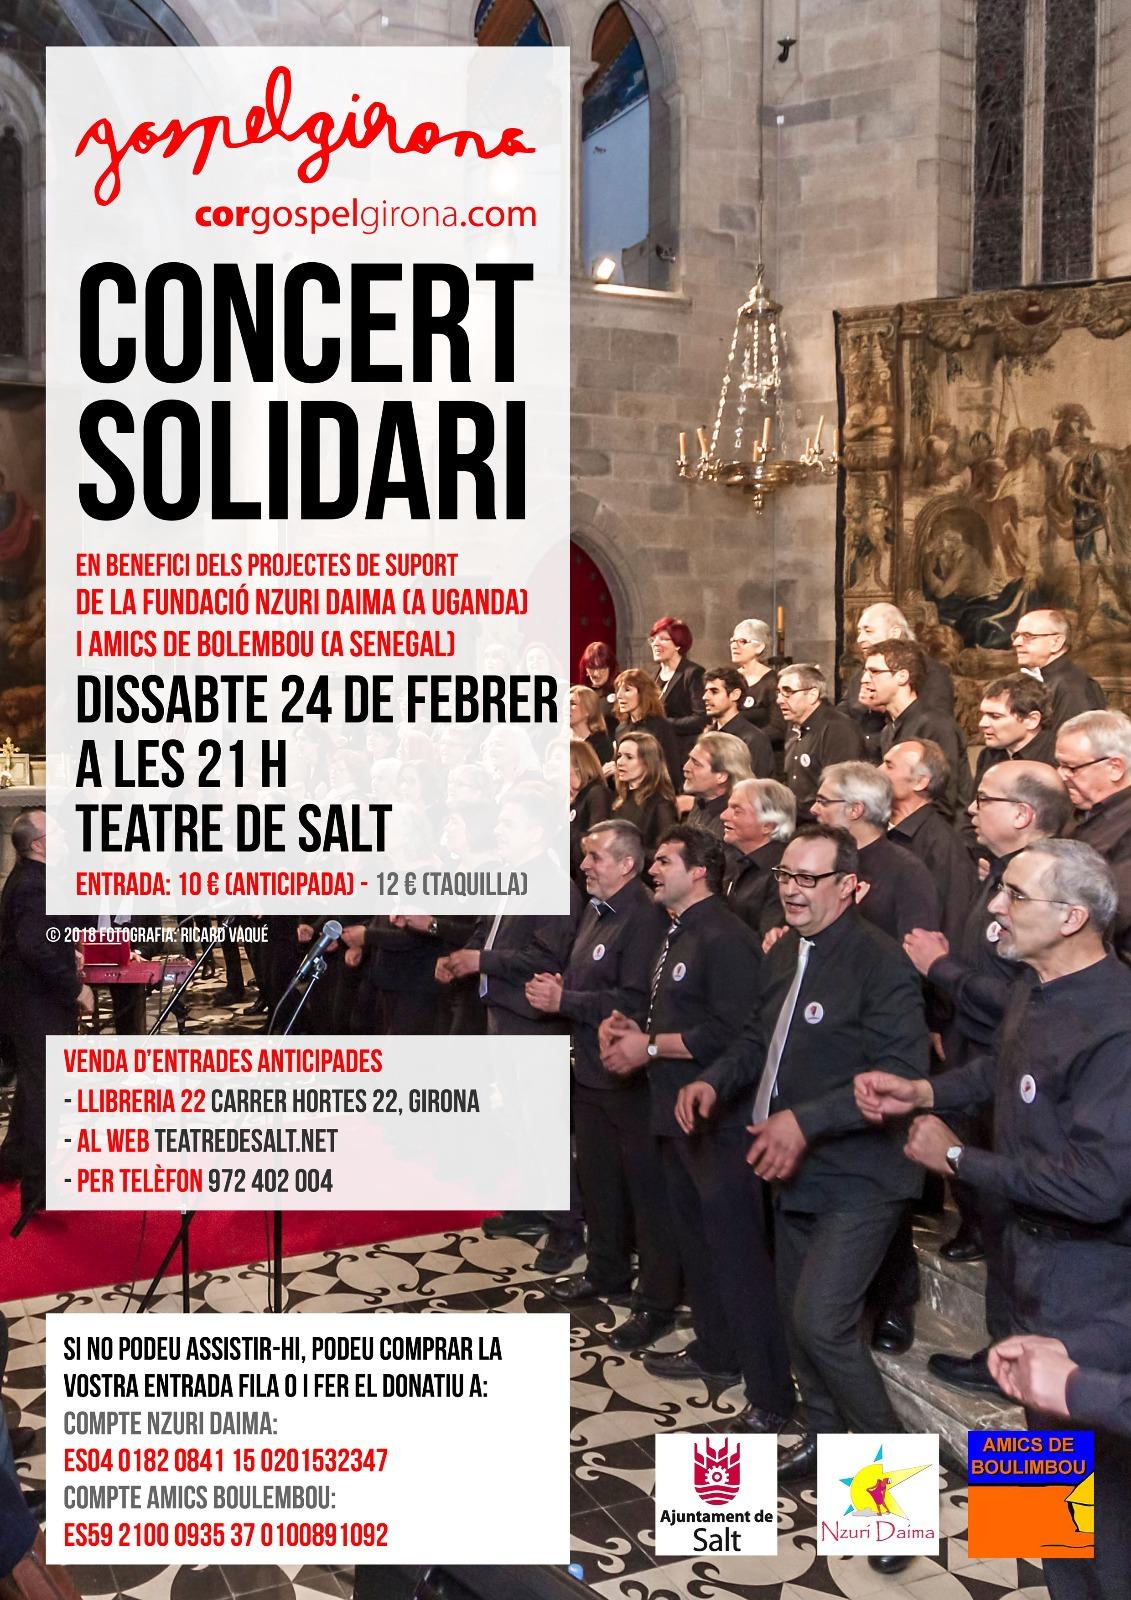 2 De Febrer Del 2018: Concert Solidari A Salt